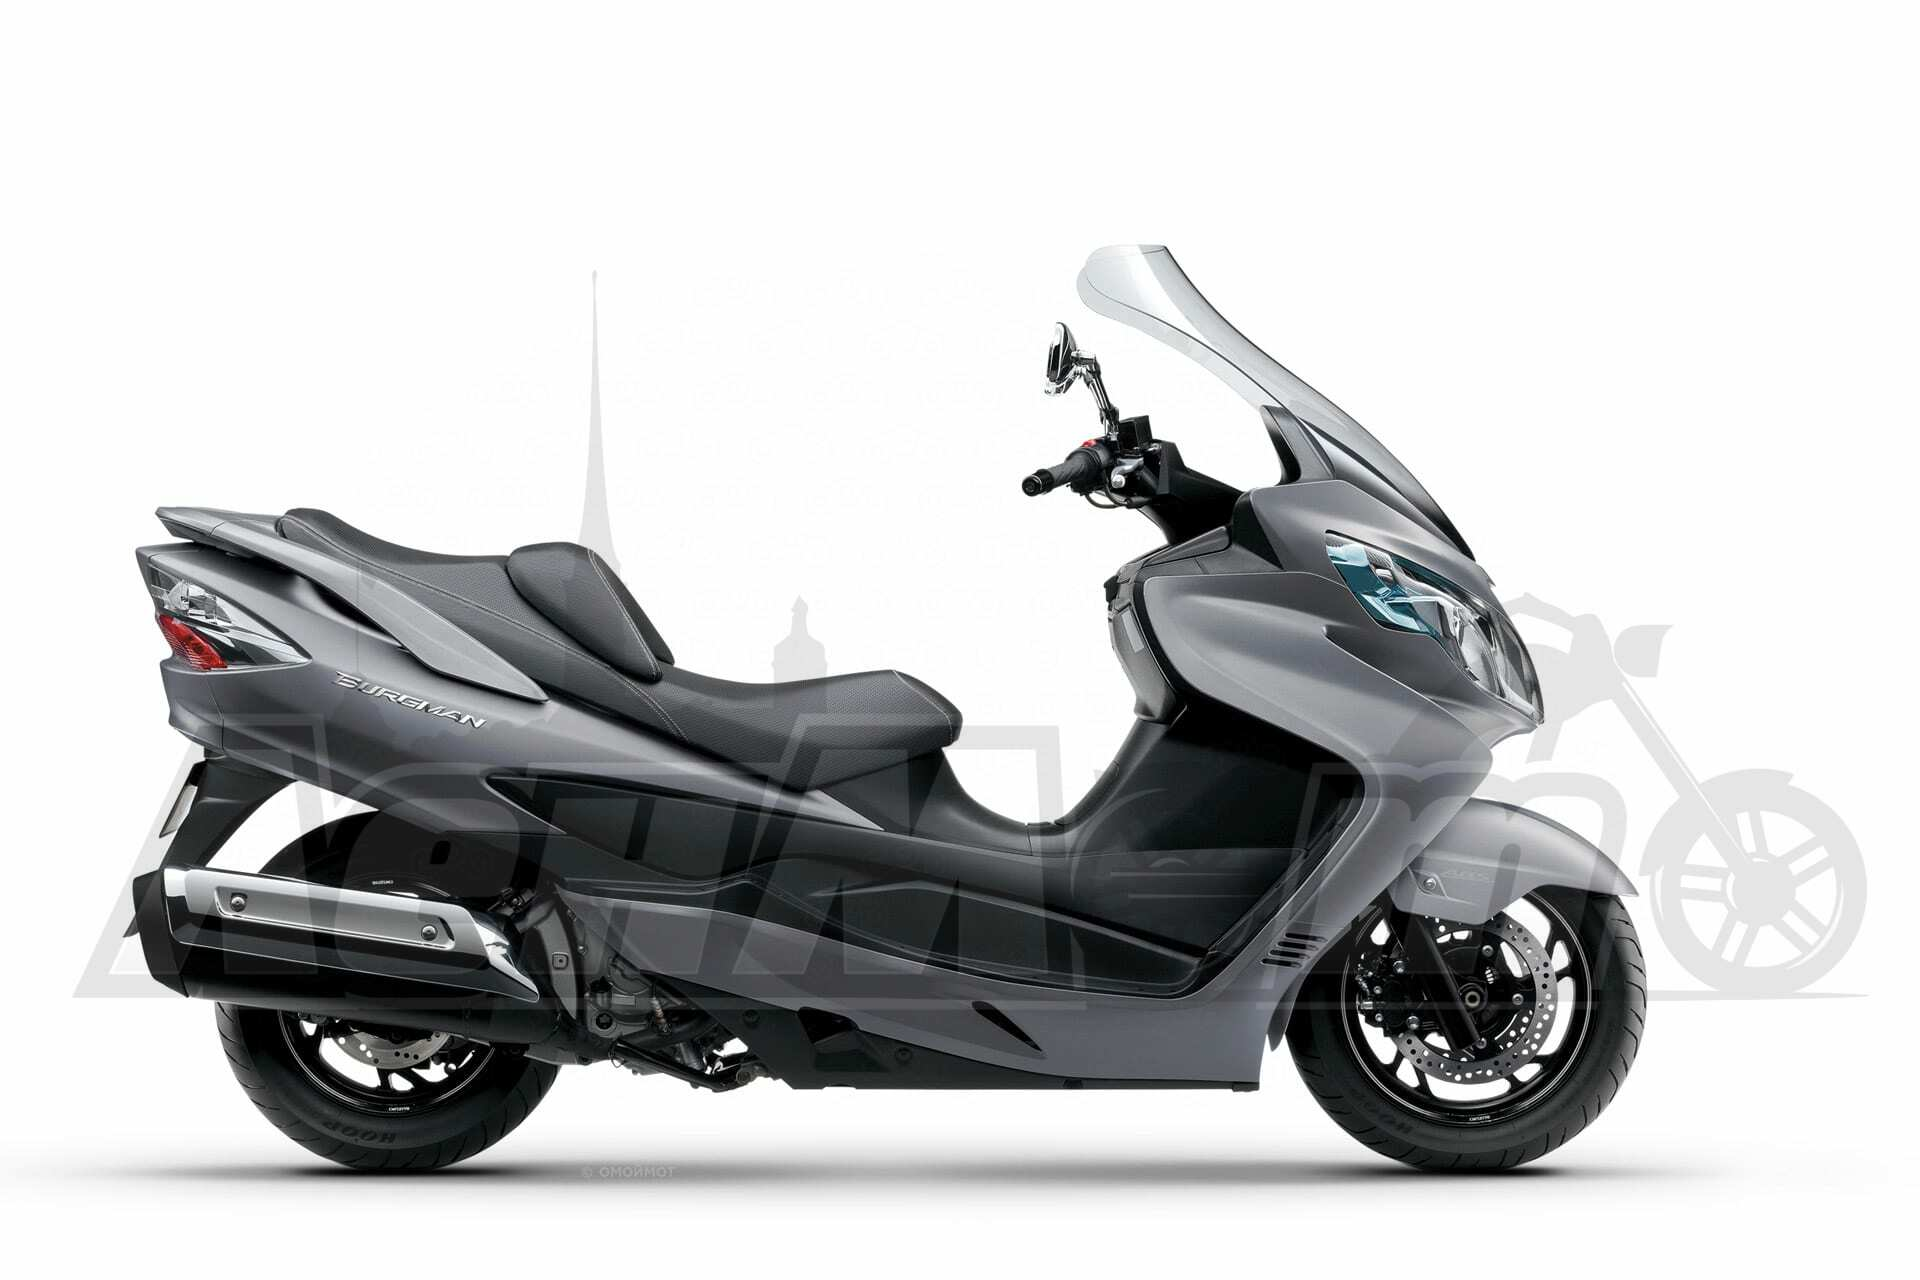 Руководство по ремонту (Service manual) для Скутера (Scooter) Suzuki AN 400 Burgman 2003 скачать pdf